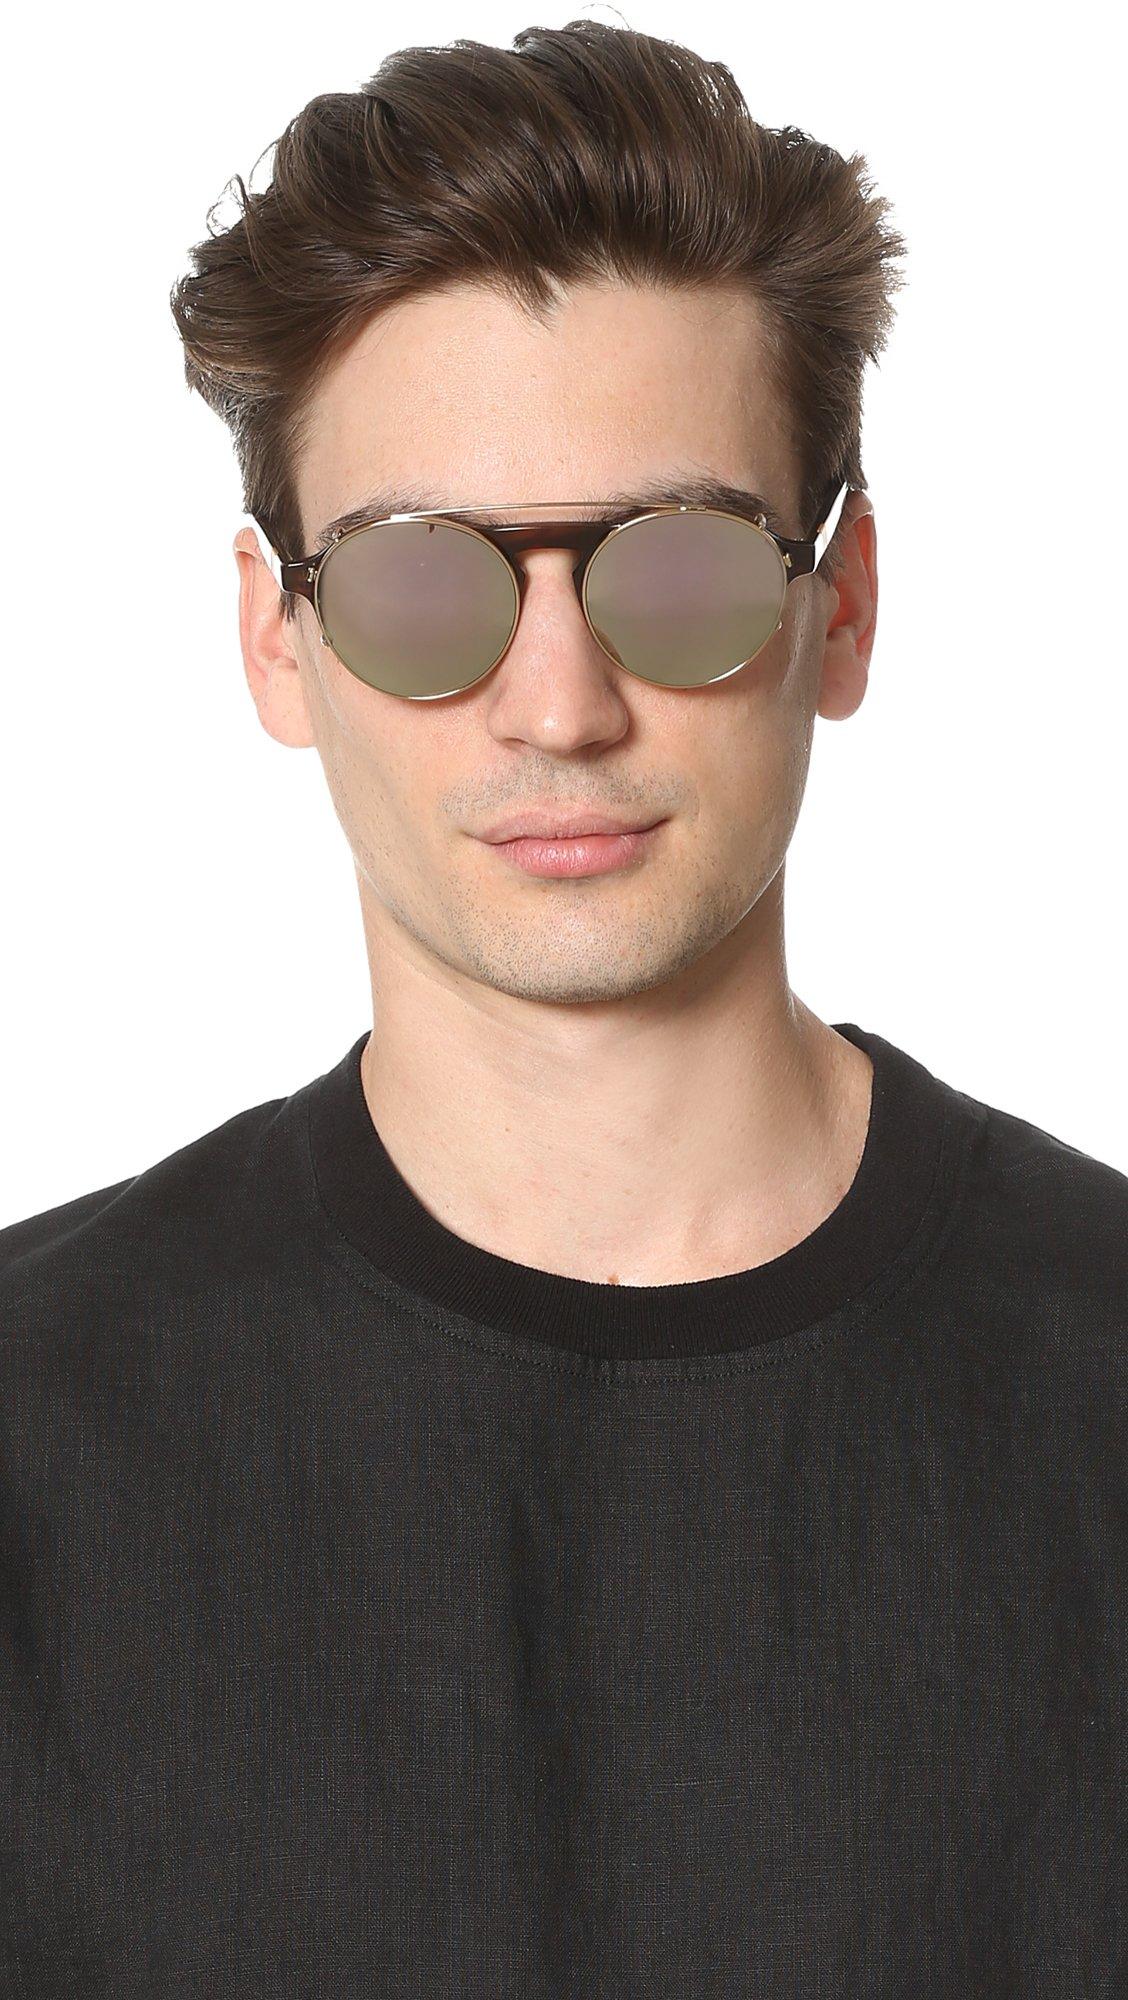 Westward Leaning Dyad 3 Sunglasses for Men